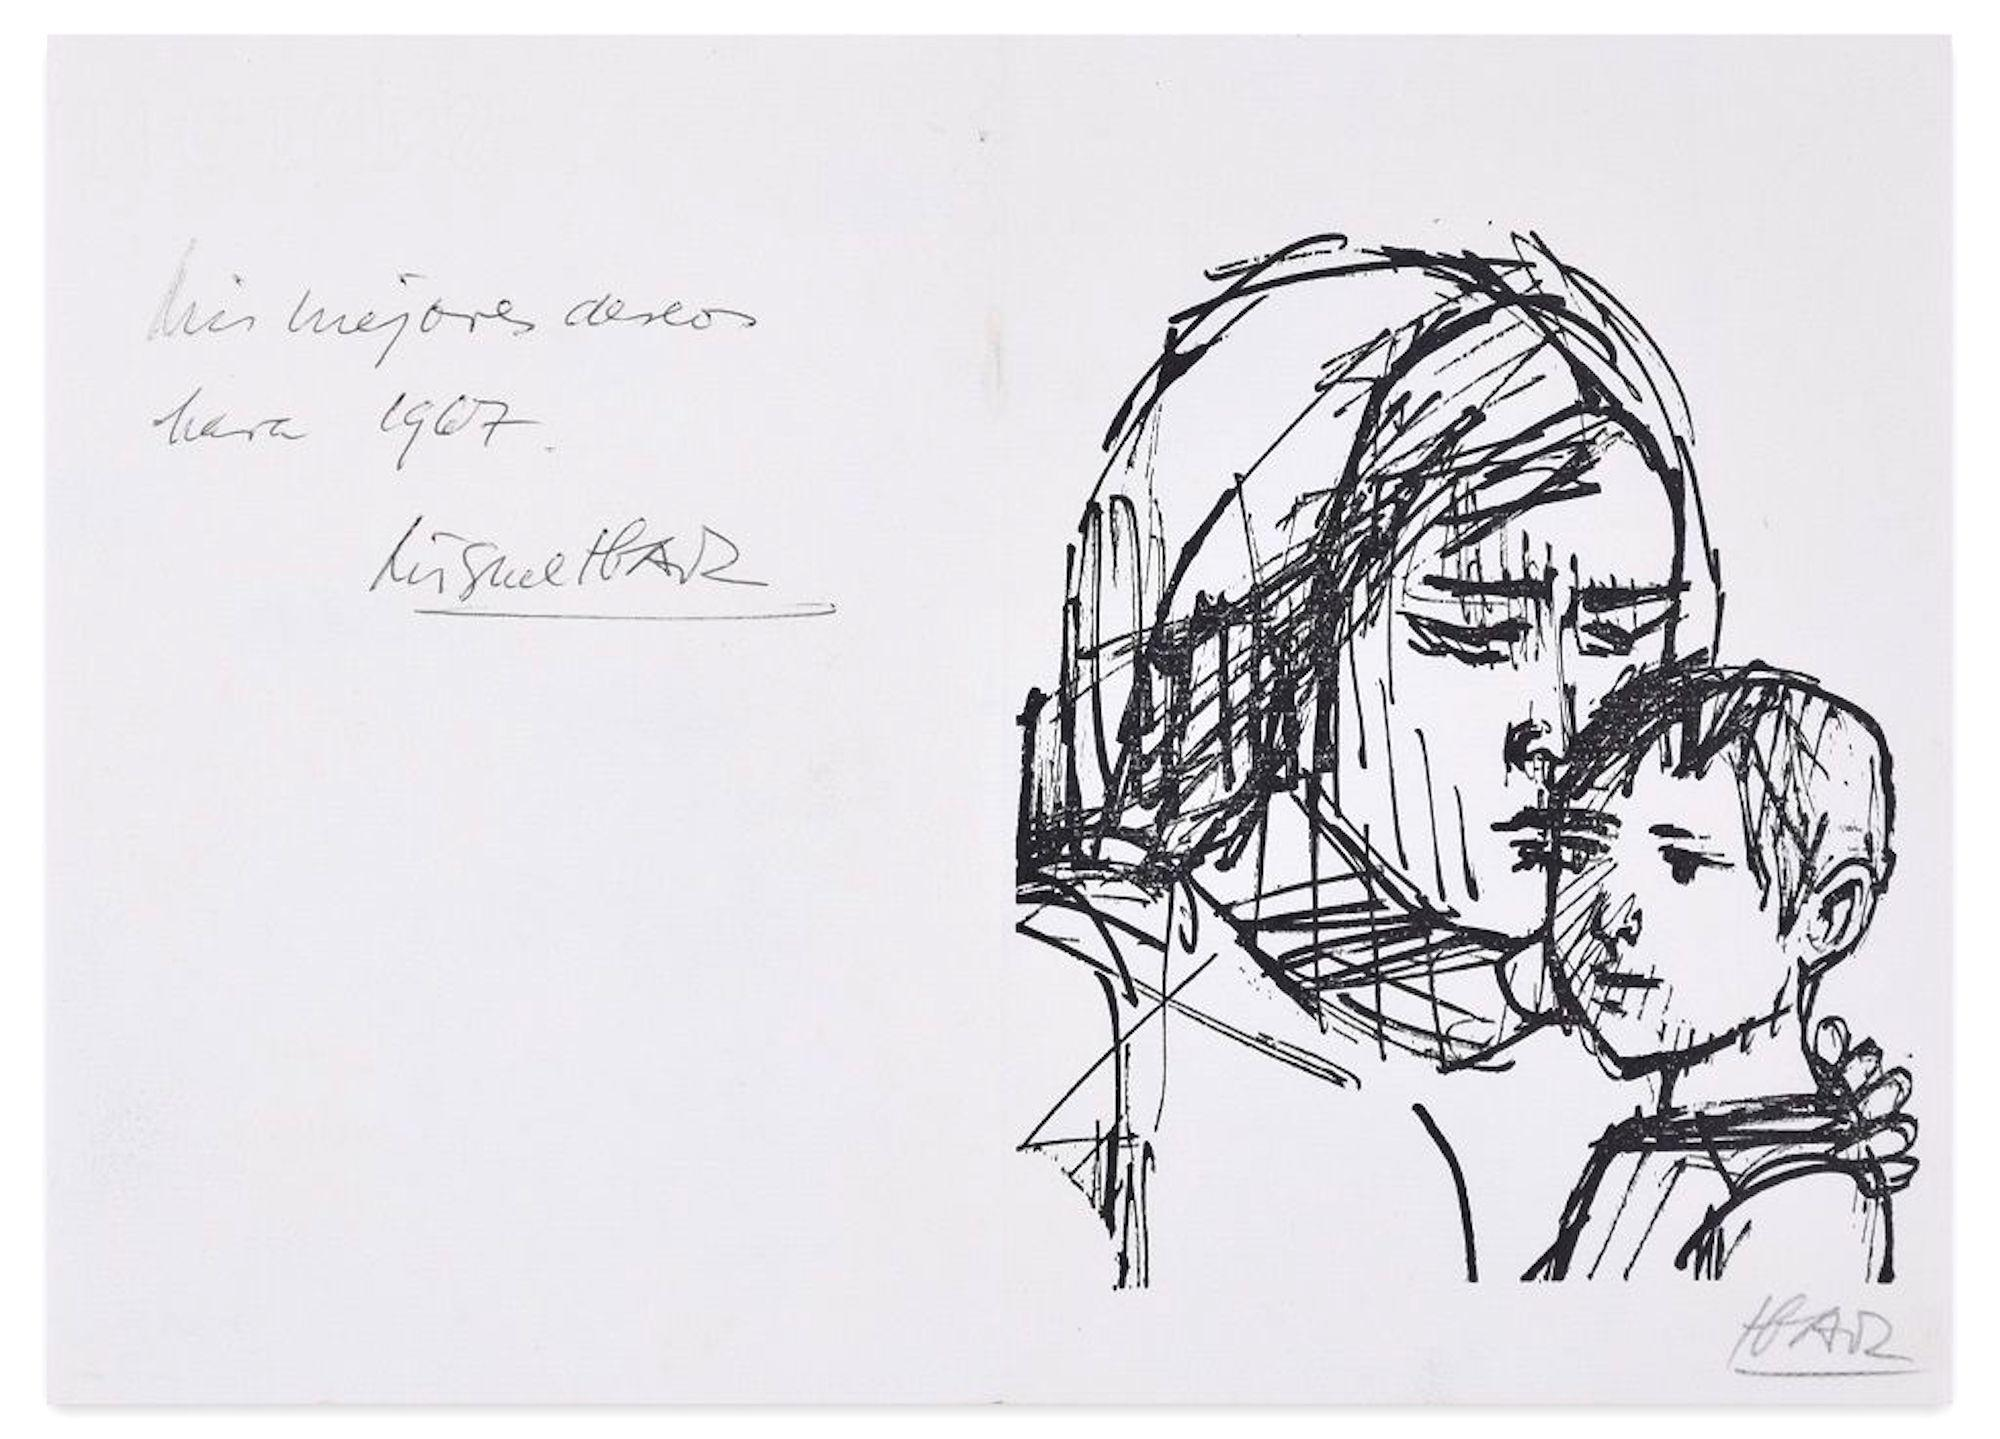 Mis Mejores Deseos  - Original Lithograph by Miguel Ibarz - 1967